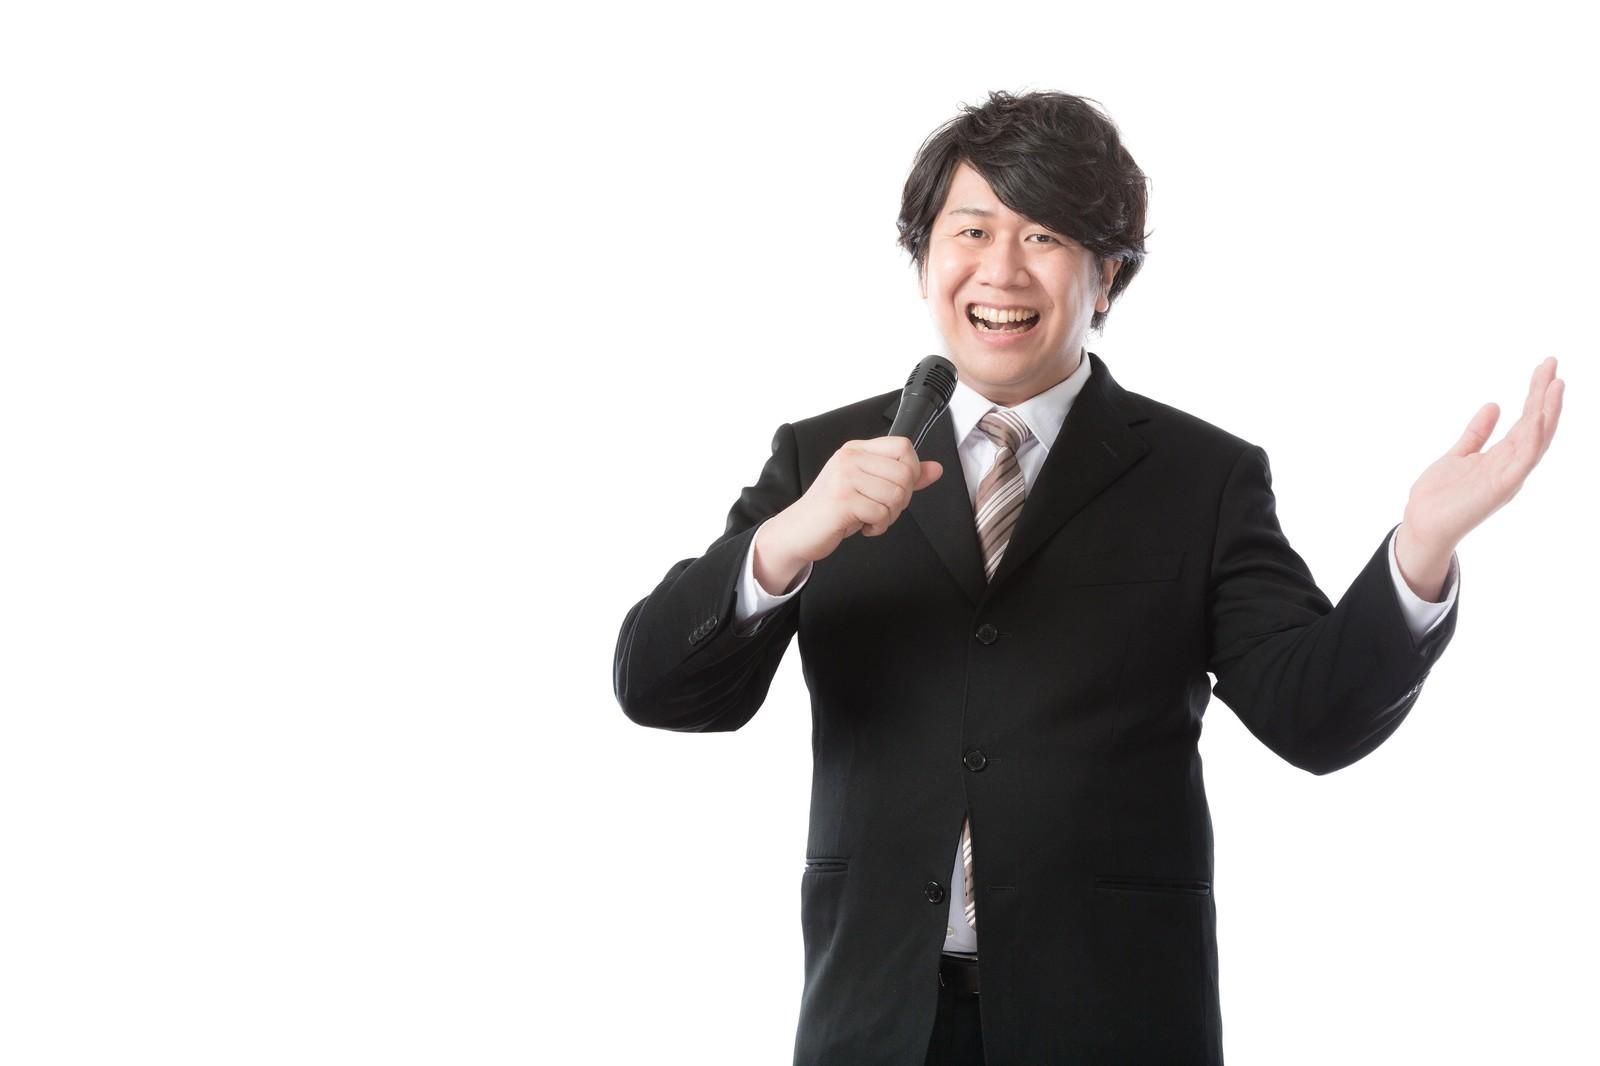 【カラオケ】太った人の方が歌うまが多いから絶対に太った方がいい!!